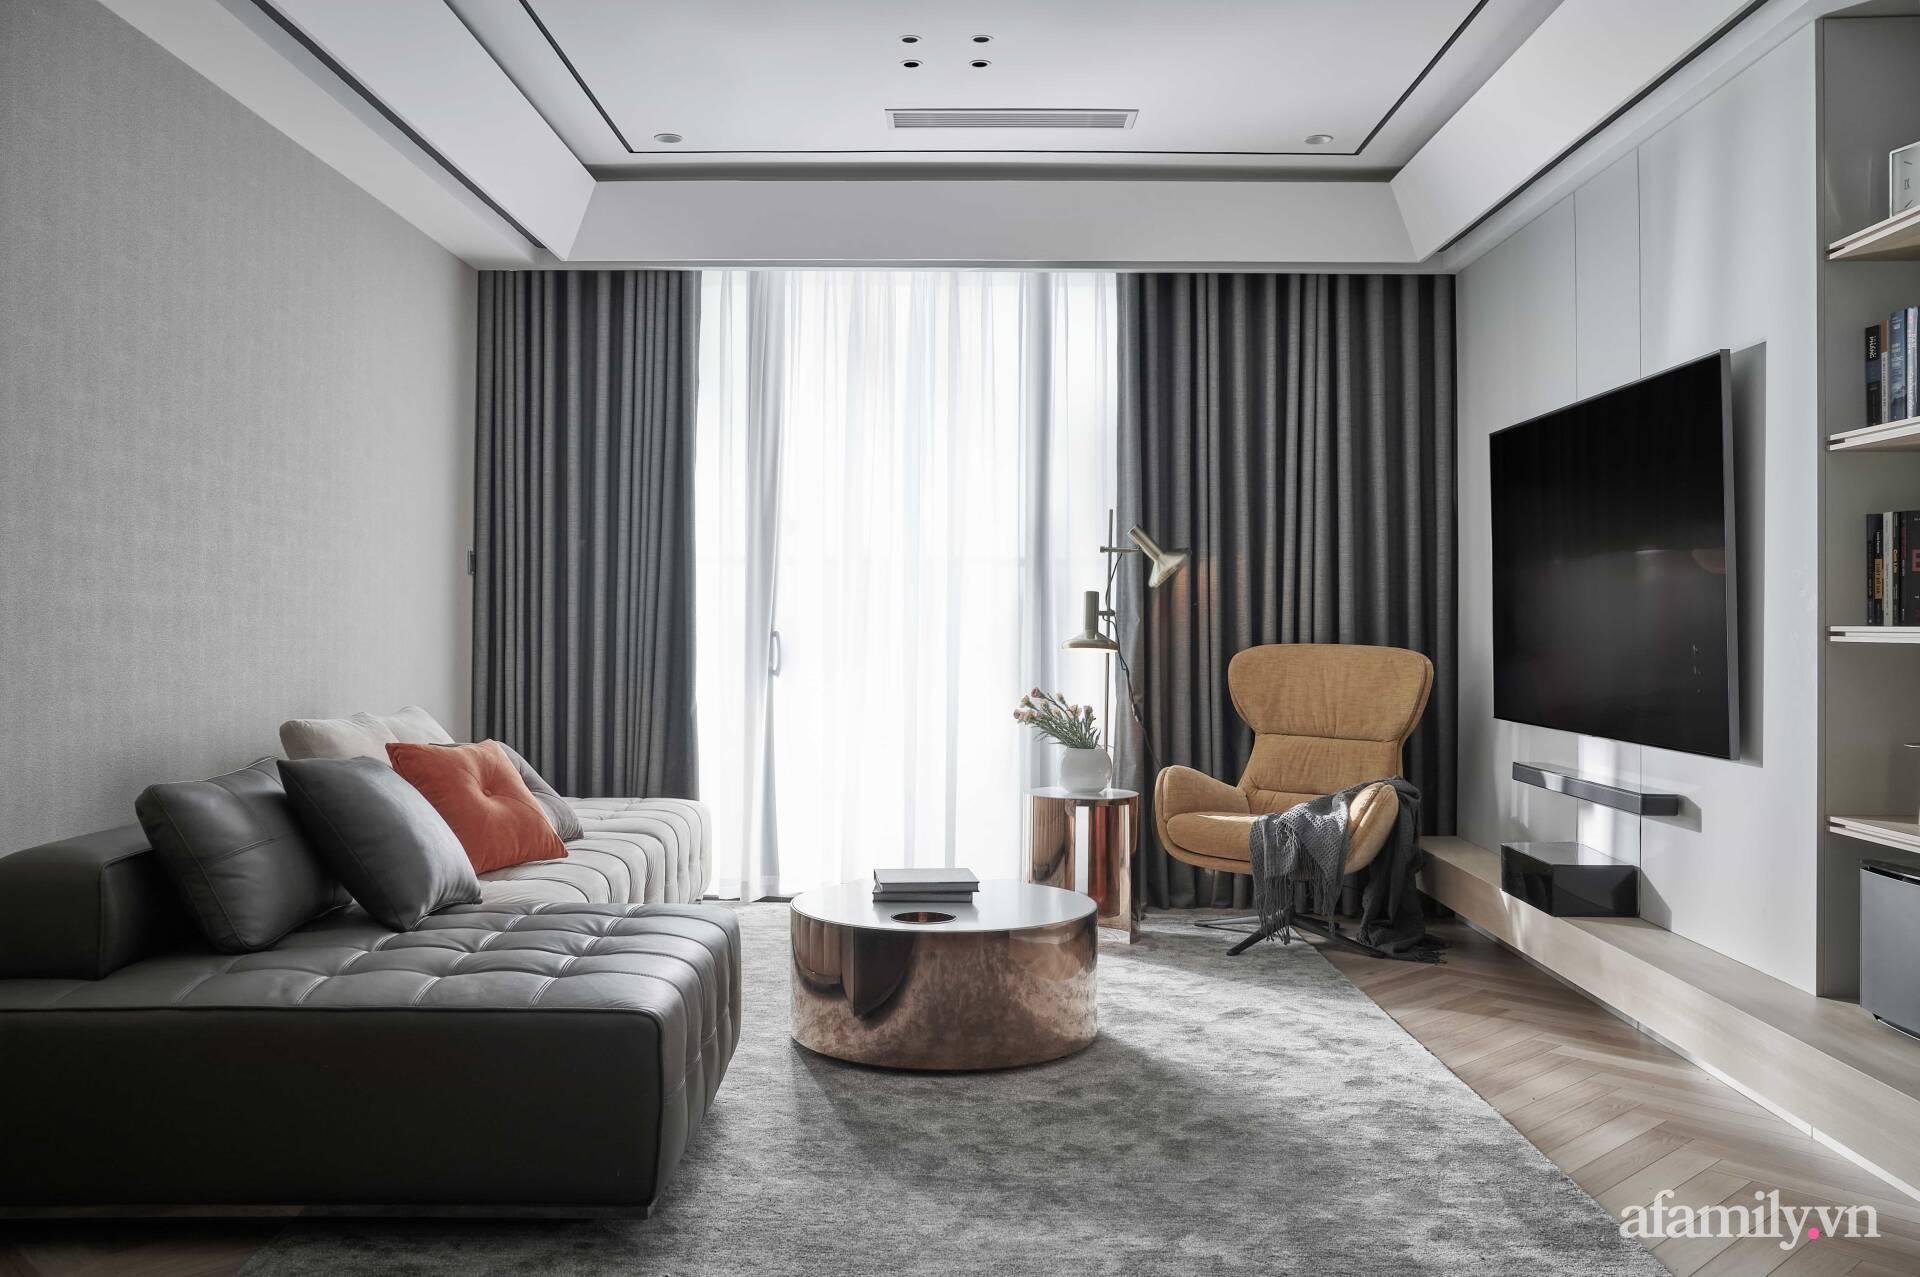 Căn hộ 100m² đẹp sang trọng với lựa chọn nội thất cao cấp ở Hà Nội - Ảnh 2.